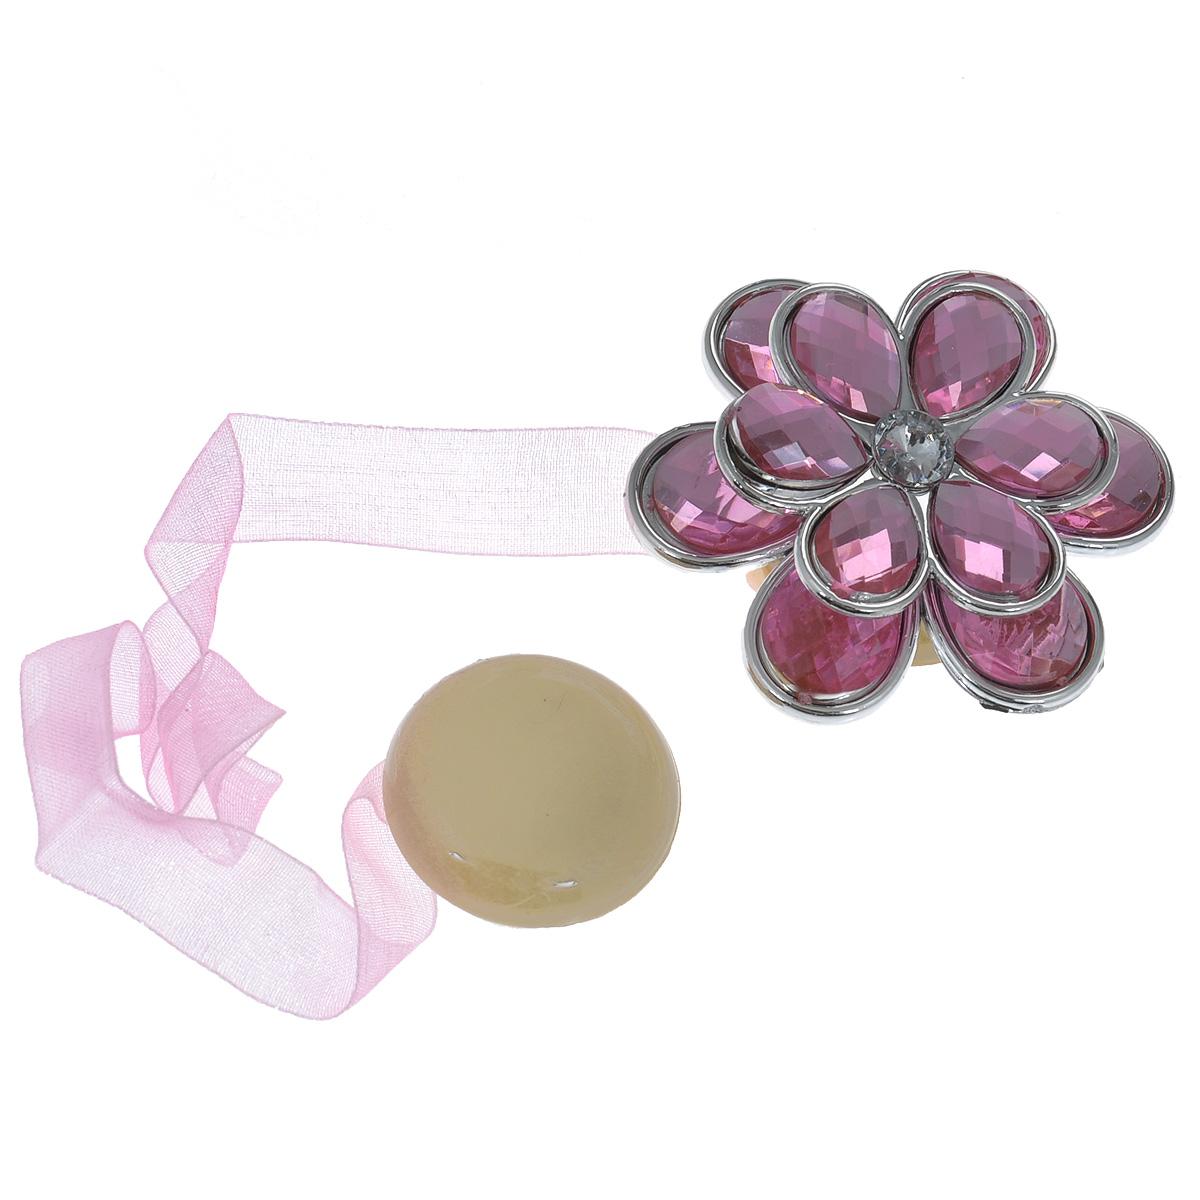 Клипса-магнит для штор Calamita Fiore, цвет: розовый. 7704021_551790009Клипса-магнит Calamita Fiore, изготовленная из пластика и текстиля, предназначена для придания формы шторам. Изделие представляет собой два магнита, расположенные на разных концах текстильной ленты. Один из магнитов оформлен декоративным цветком. С помощью такой магнитной клипсы можно зафиксировать портьеры, придать им требуемое положение, сделать складки симметричными или приблизить портьеры, скрепить их. Клипсы для штор являются универсальным изделием, которое превосходно подойдет как для штор в детской комнате, так и для штор в гостиной. Следует отметить, что клипсы для штор выполняют не только практическую функцию, но также являются одной из основных деталей декора этого изделия, которая придает шторам восхитительный, стильный внешний вид.Диаметр декоративного цветка: 5 см.Диаметр магнита: 2,5 см.Длина ленты: 25 см.